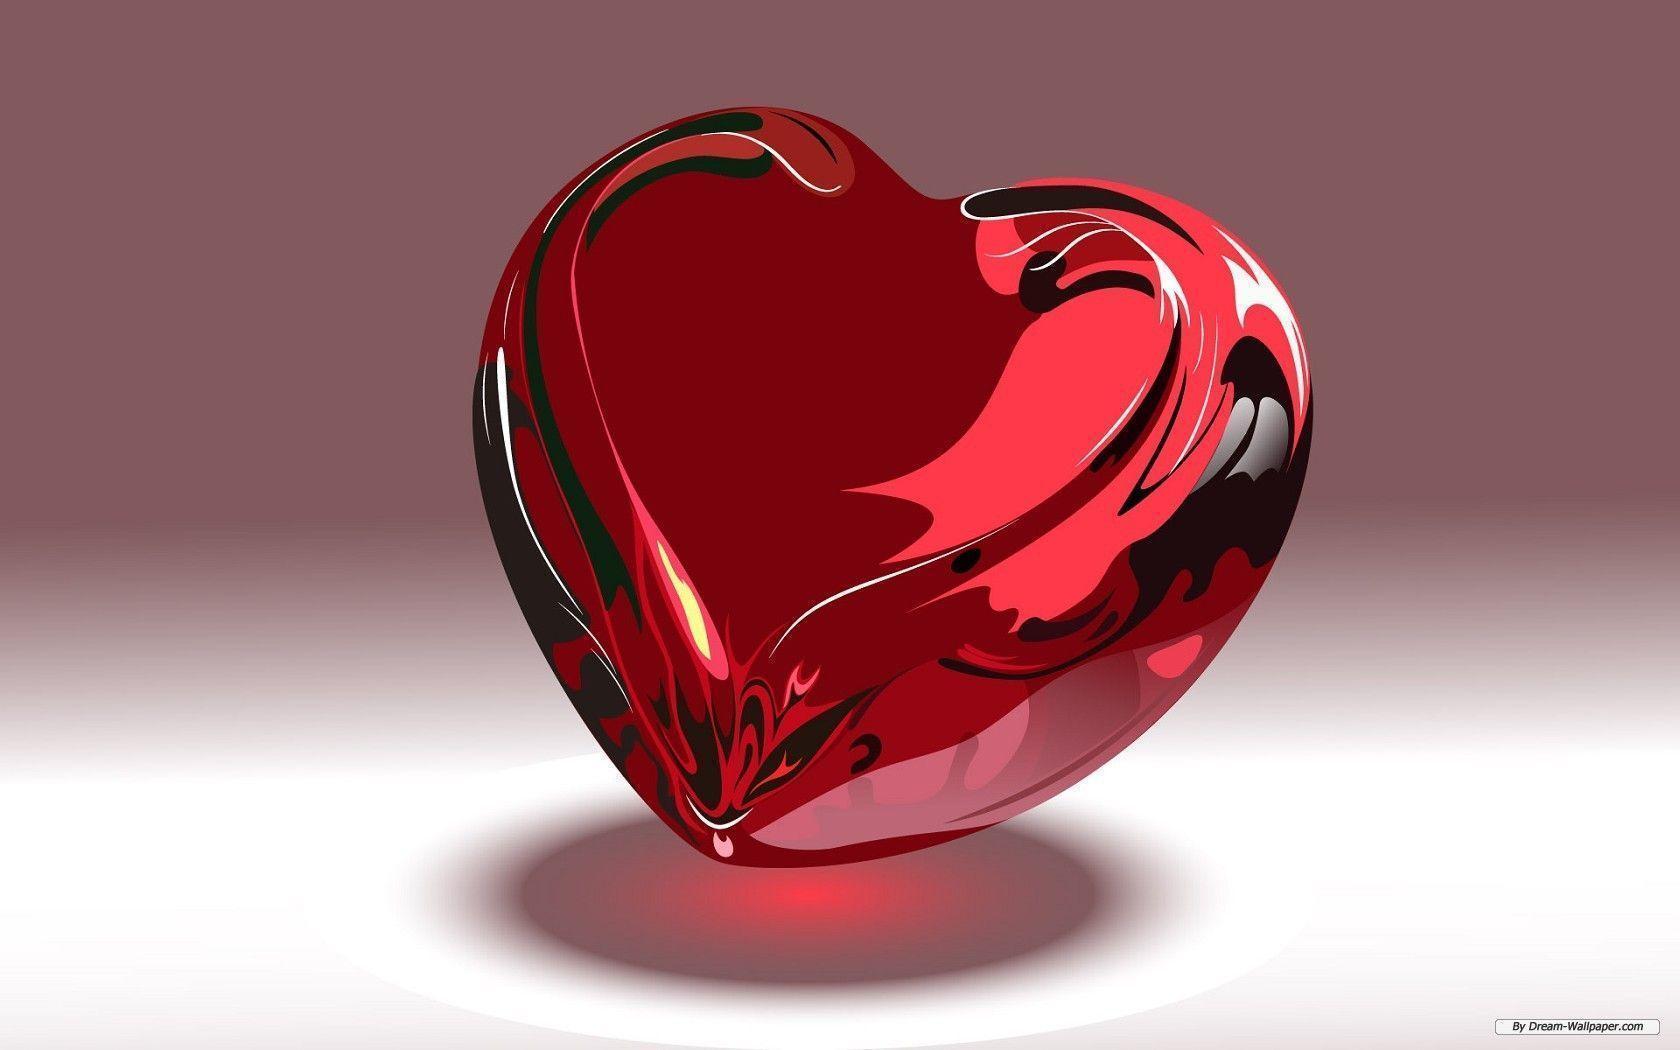 Pin Heart Shape Wallpaper 240x320 Mobile Jpg On Pinterest